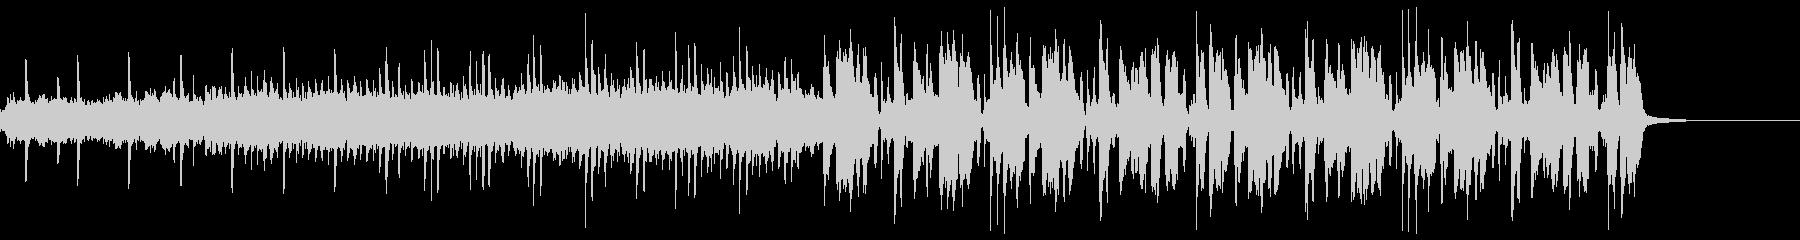 変化球な感じの変則ビートの未再生の波形